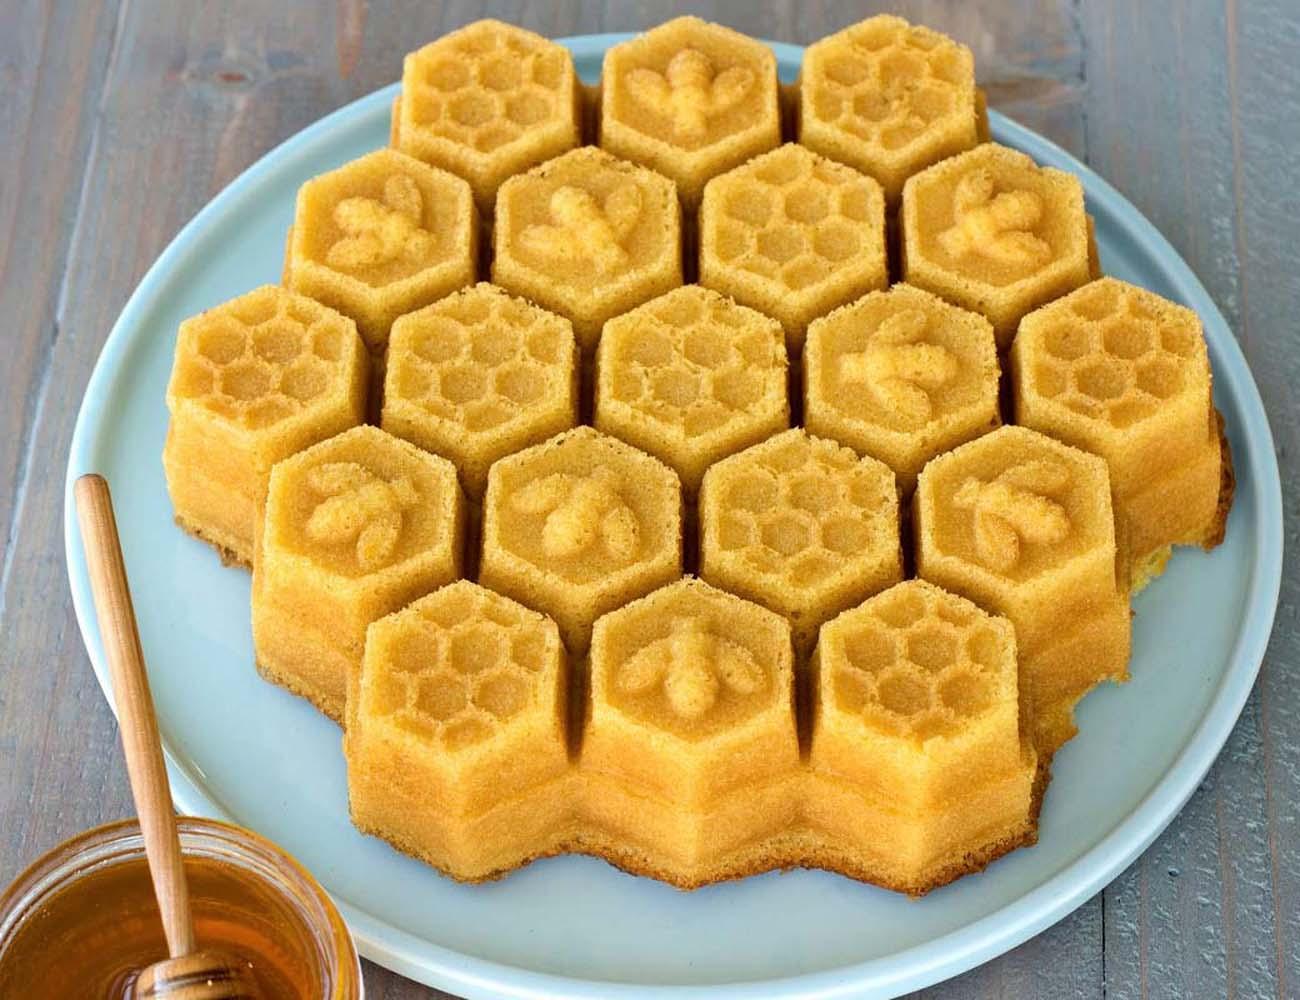 Lemon Cake Honey Baked